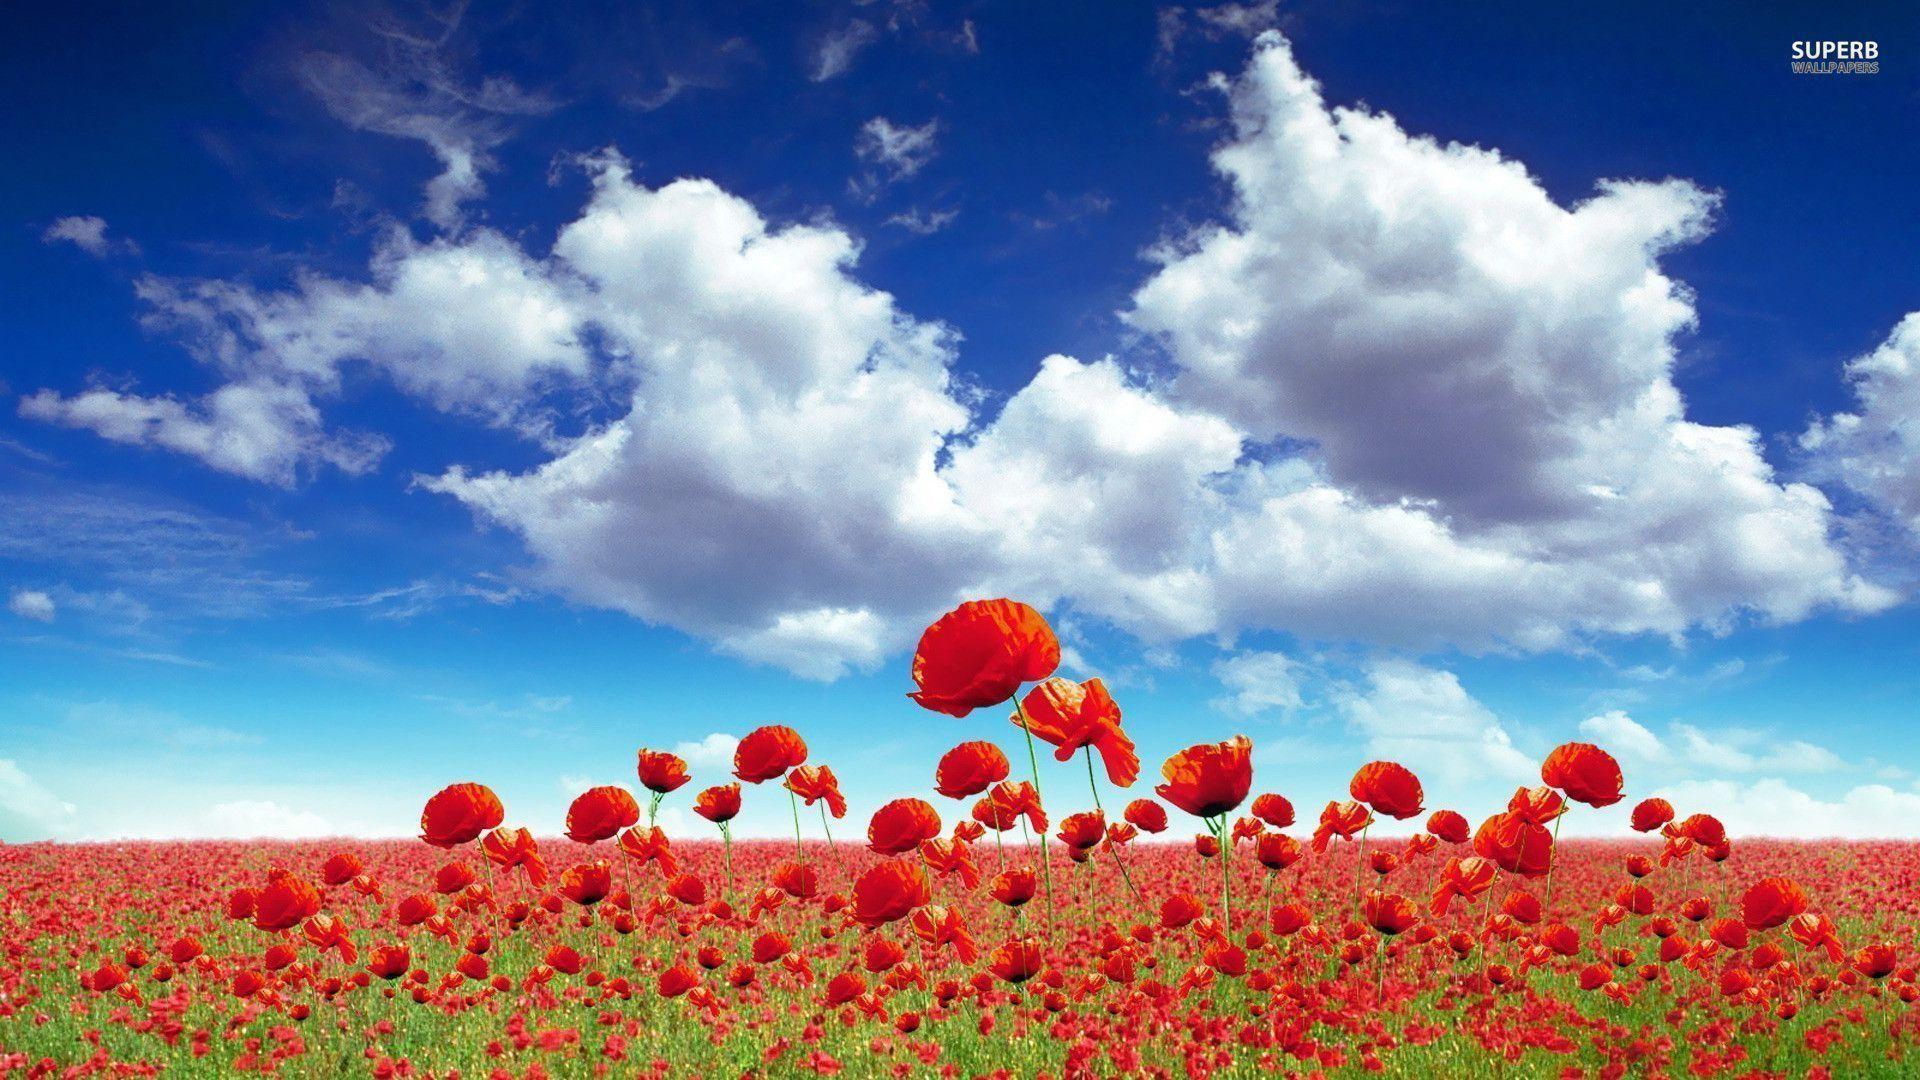 Poppy field wallpaper – Flower wallpapers – #